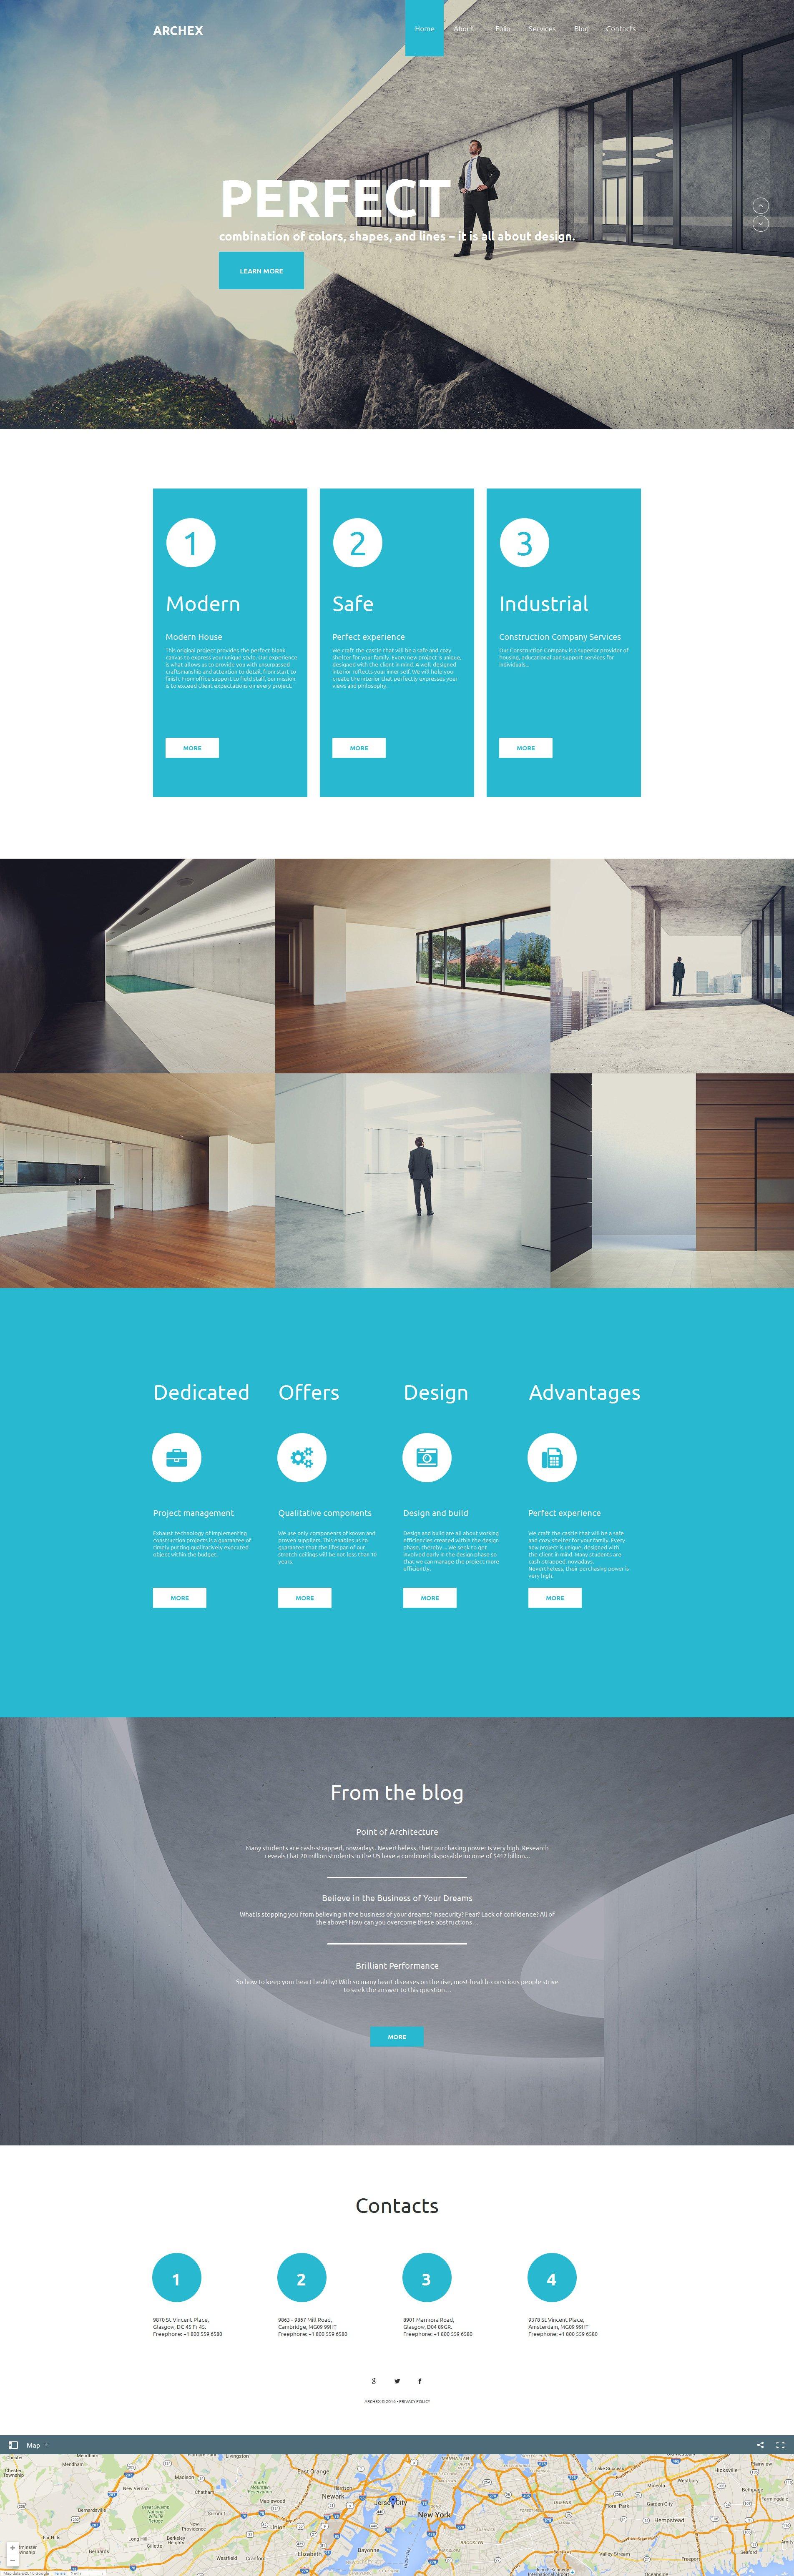 Moto CMS HTML Vorlage #58473 für Architektur